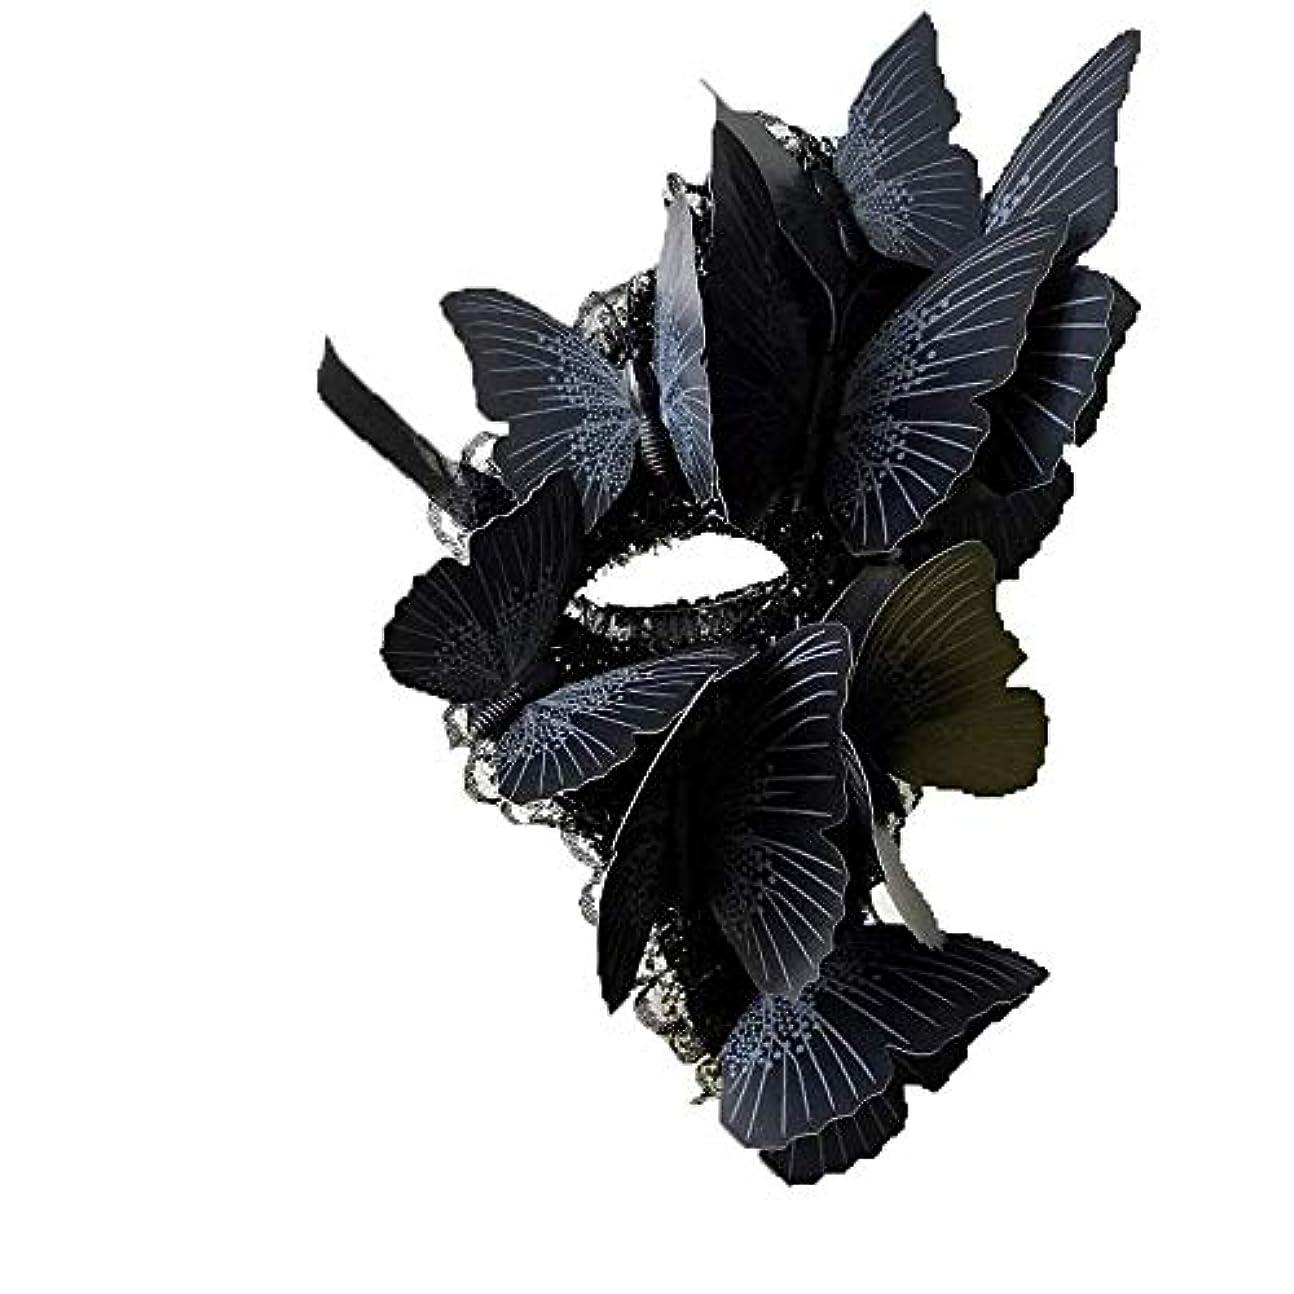 メガロポリス電信考古学Nanle ハロウィーンの蝶単眼マスク仮装マスクレディミスプリンセス美しさの祭パーティ装飾 (色 : Style B, サイズ さいず : Right eye)